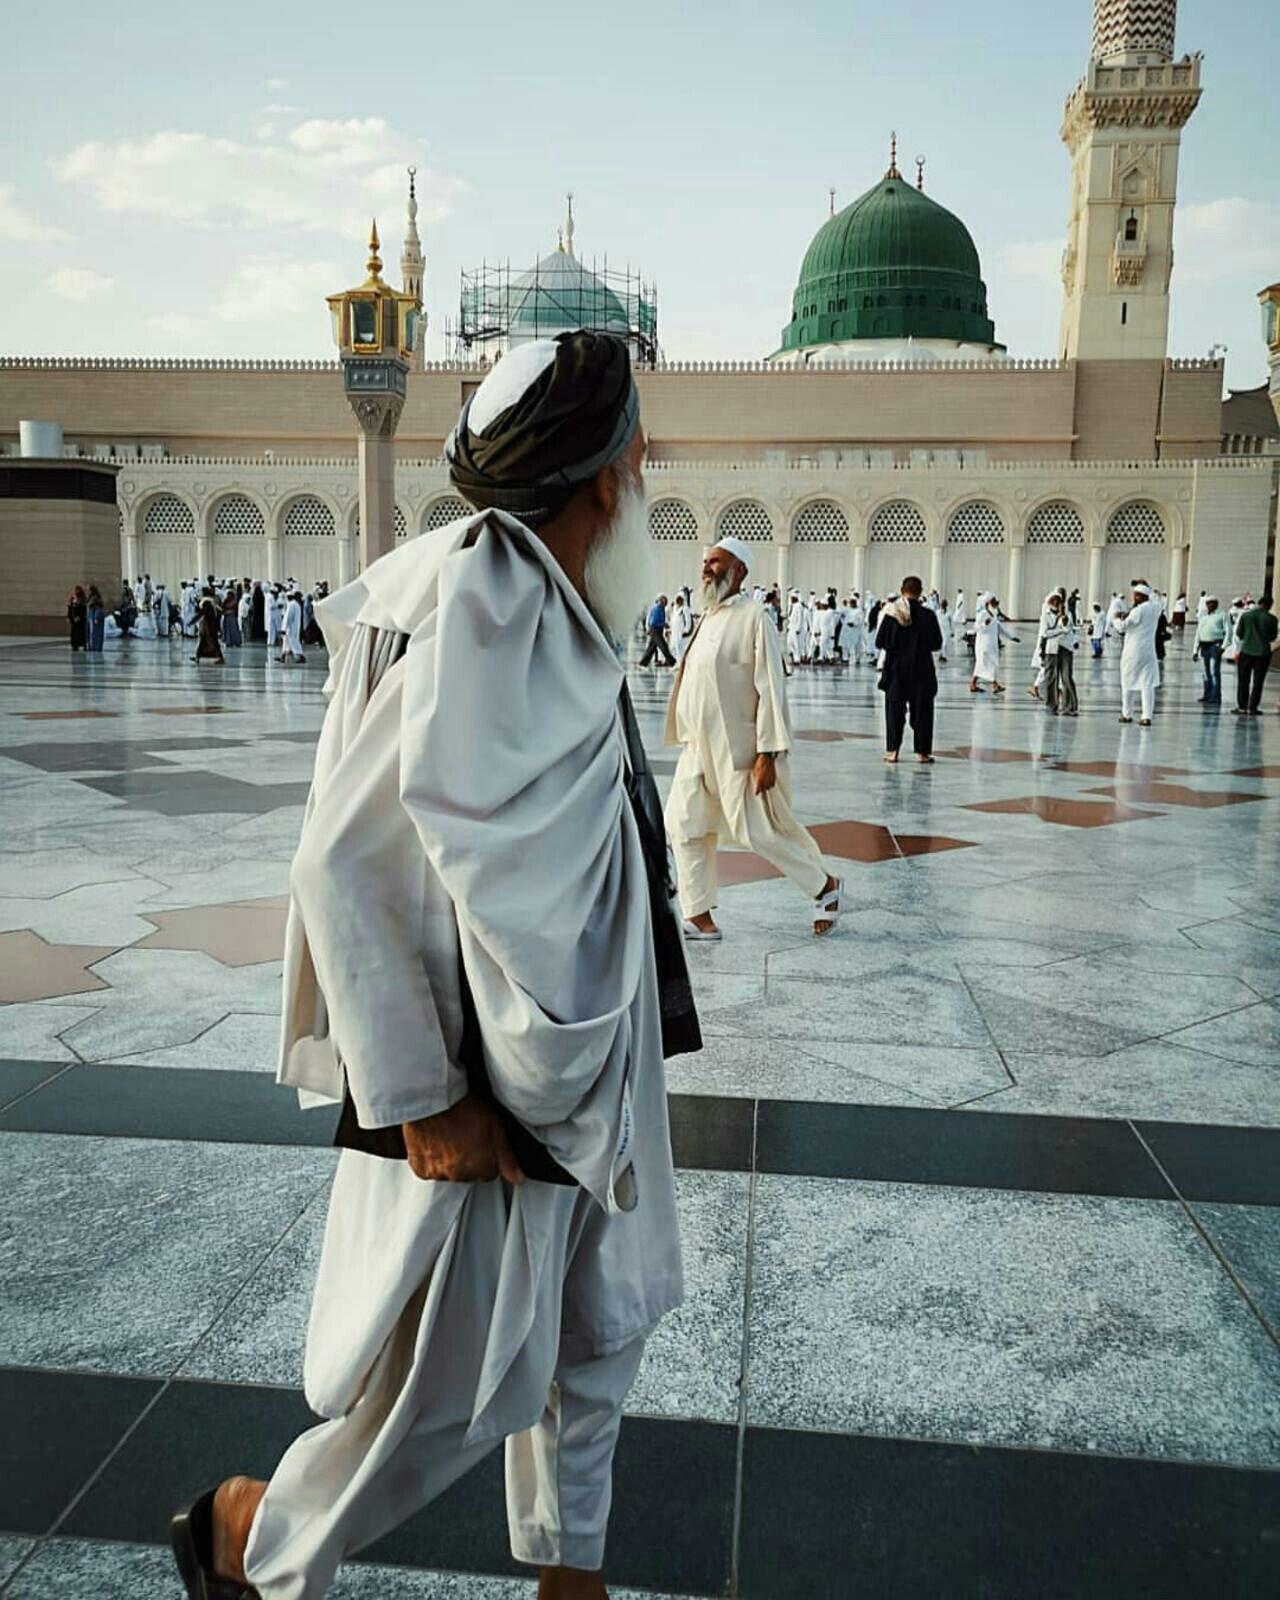 Pin By Khalil Alotaibi On Al Madinah Al Munawwarah المدينة المنورة Yathrib يثرب Medina Mosque Beautiful Mosques Imam Hussain Wallpapers